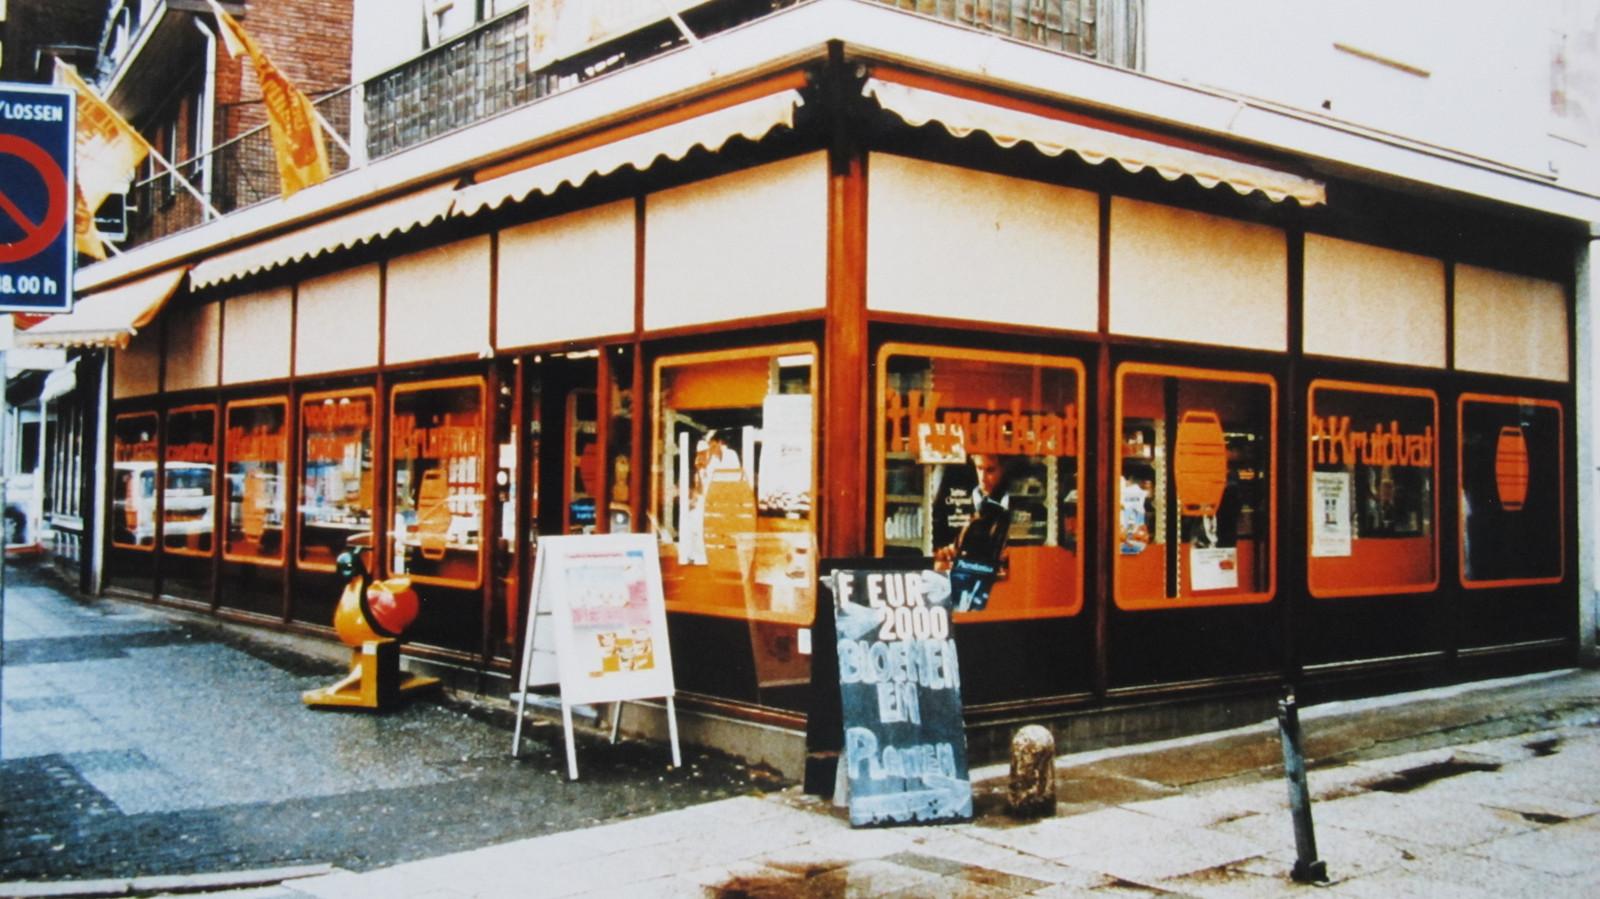 De allereerste Kruidvat in Hilversum, geopend op 10 september 1975. De winkel had toen nog een tonnetje als logo en heette officieel 't Kruidvat.